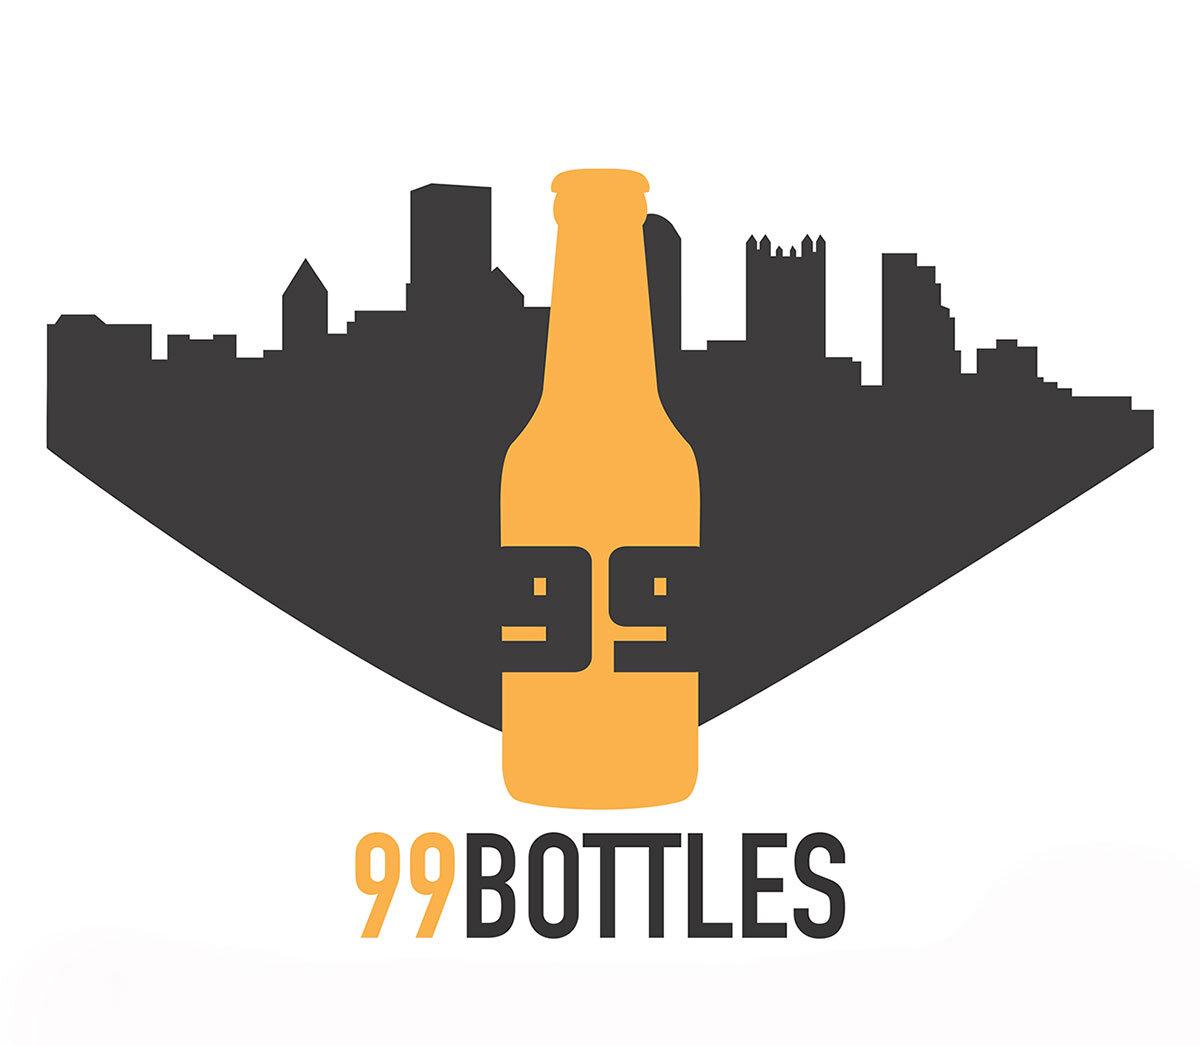 Logo_99Bottles.jpg